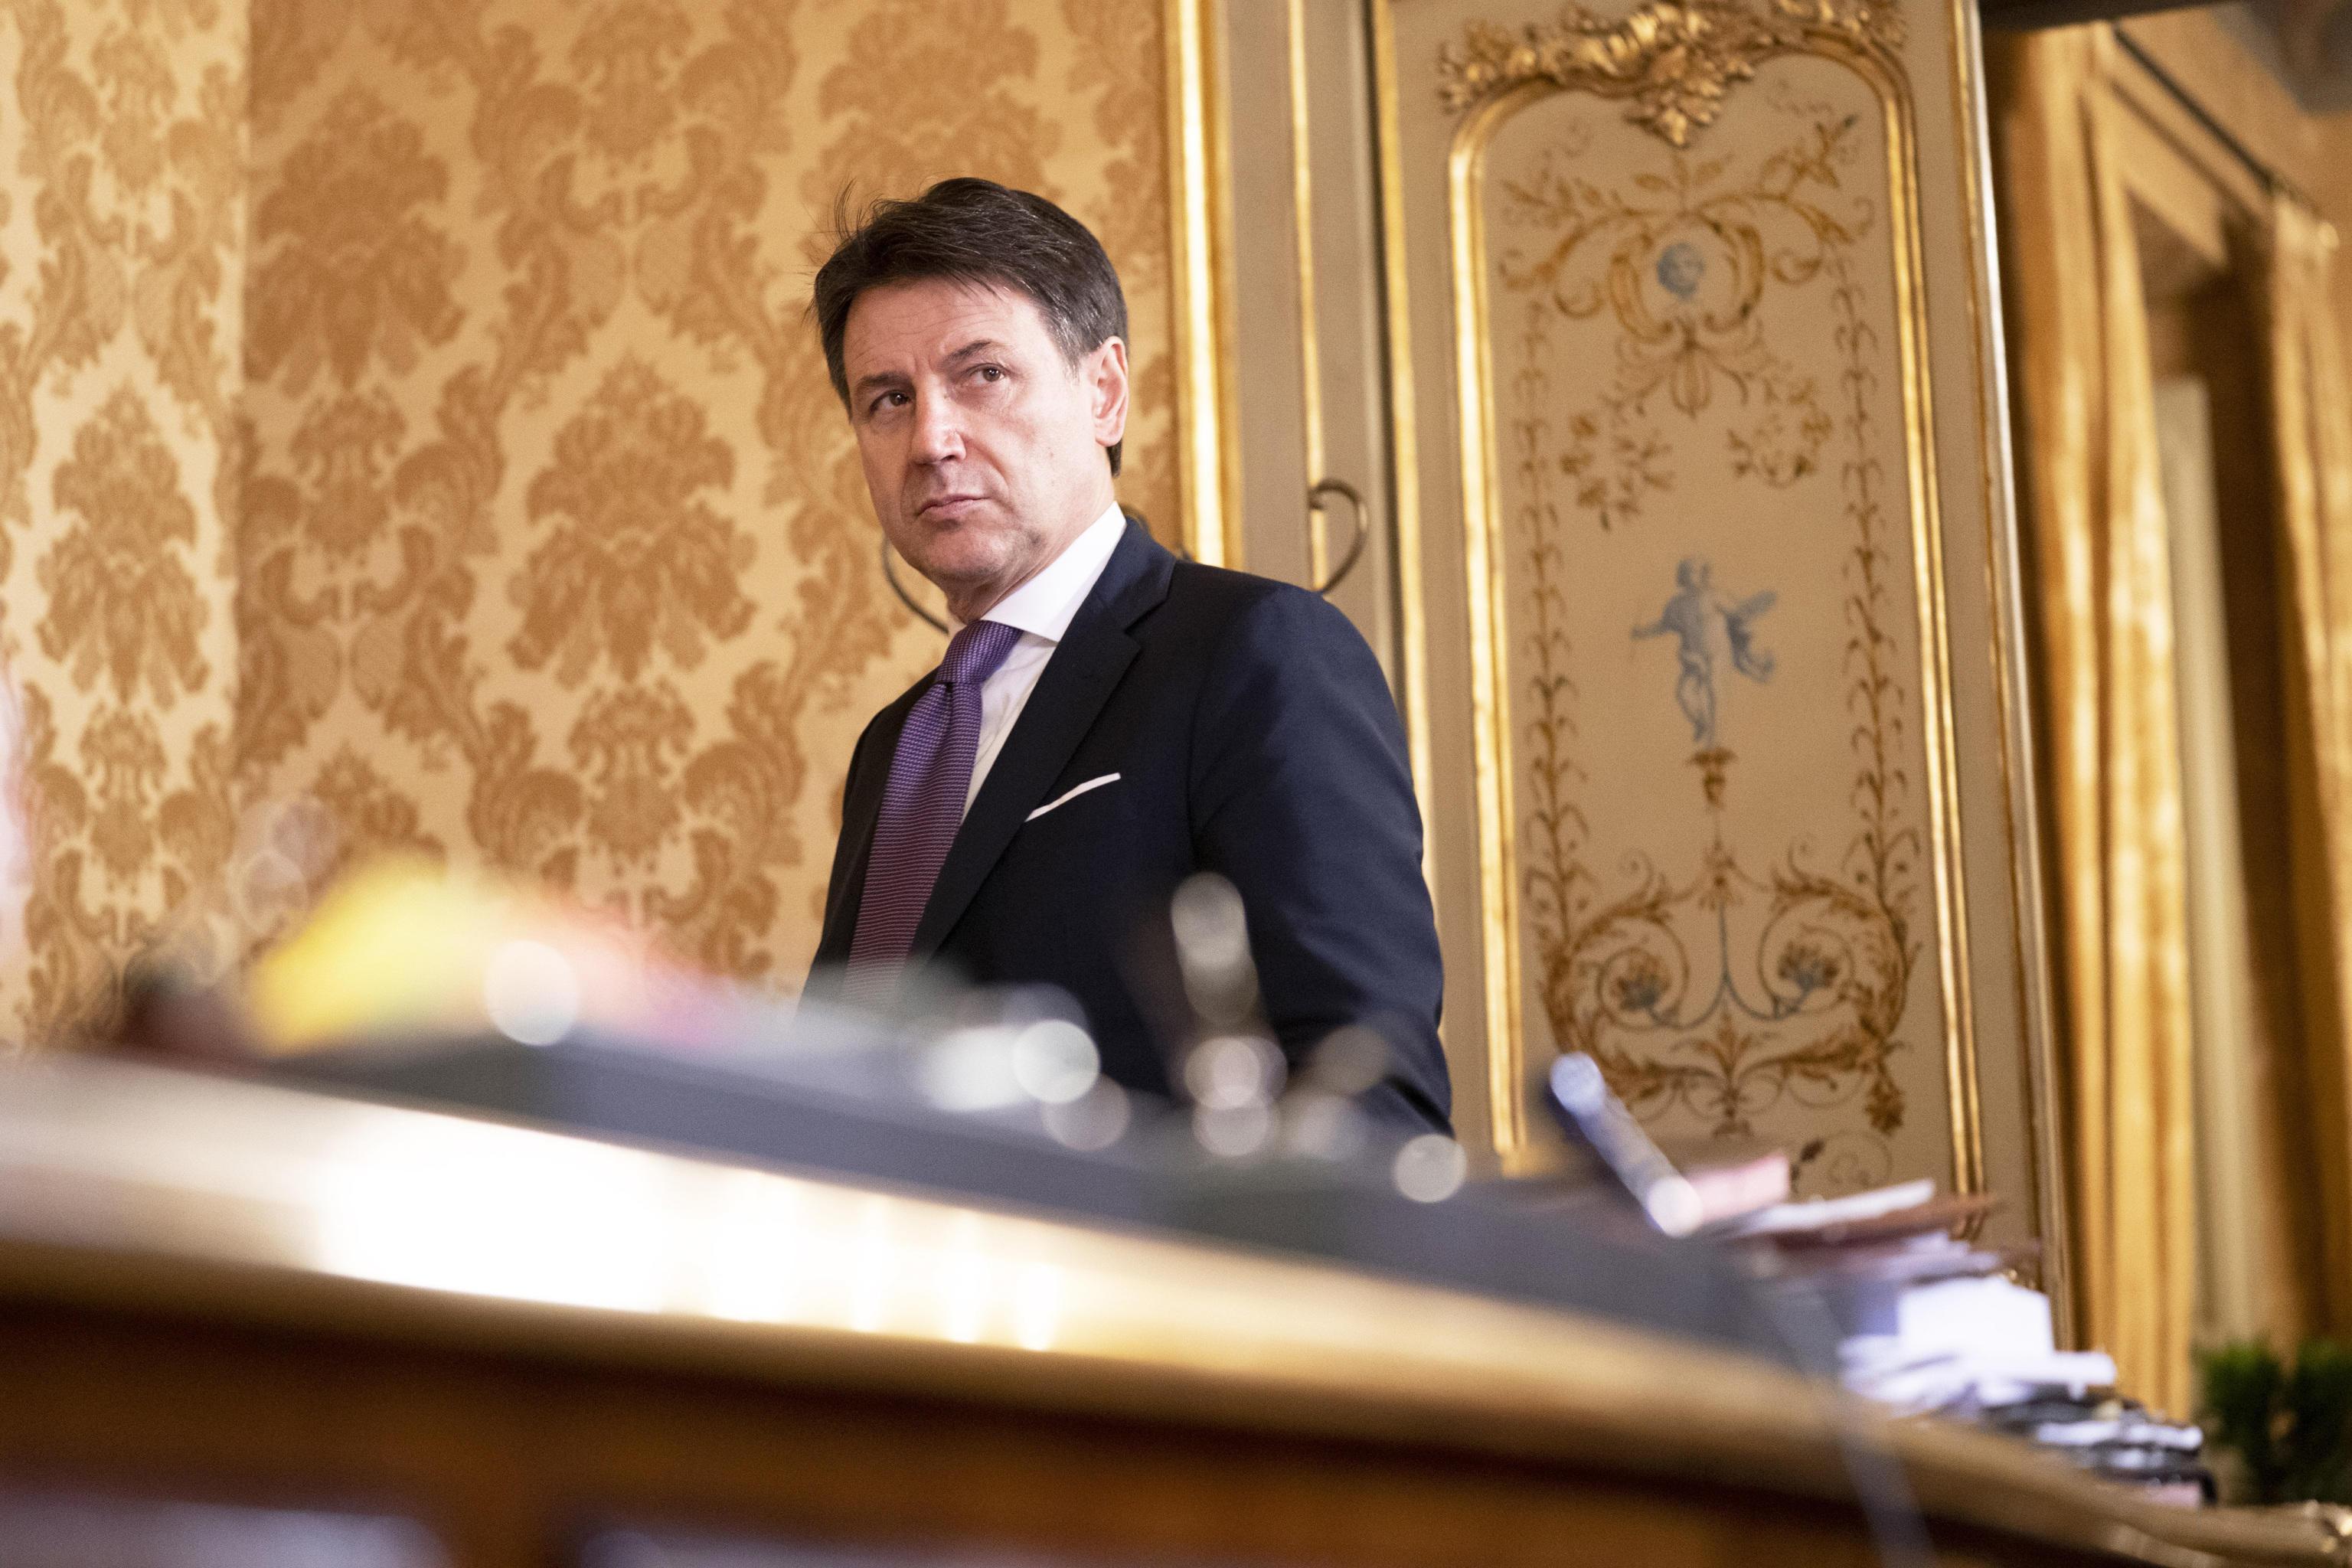 Conte si è dimesso. Ora la crisi è nelle mani di Mattarella. Consultazioni fino a venerdì – La diretta